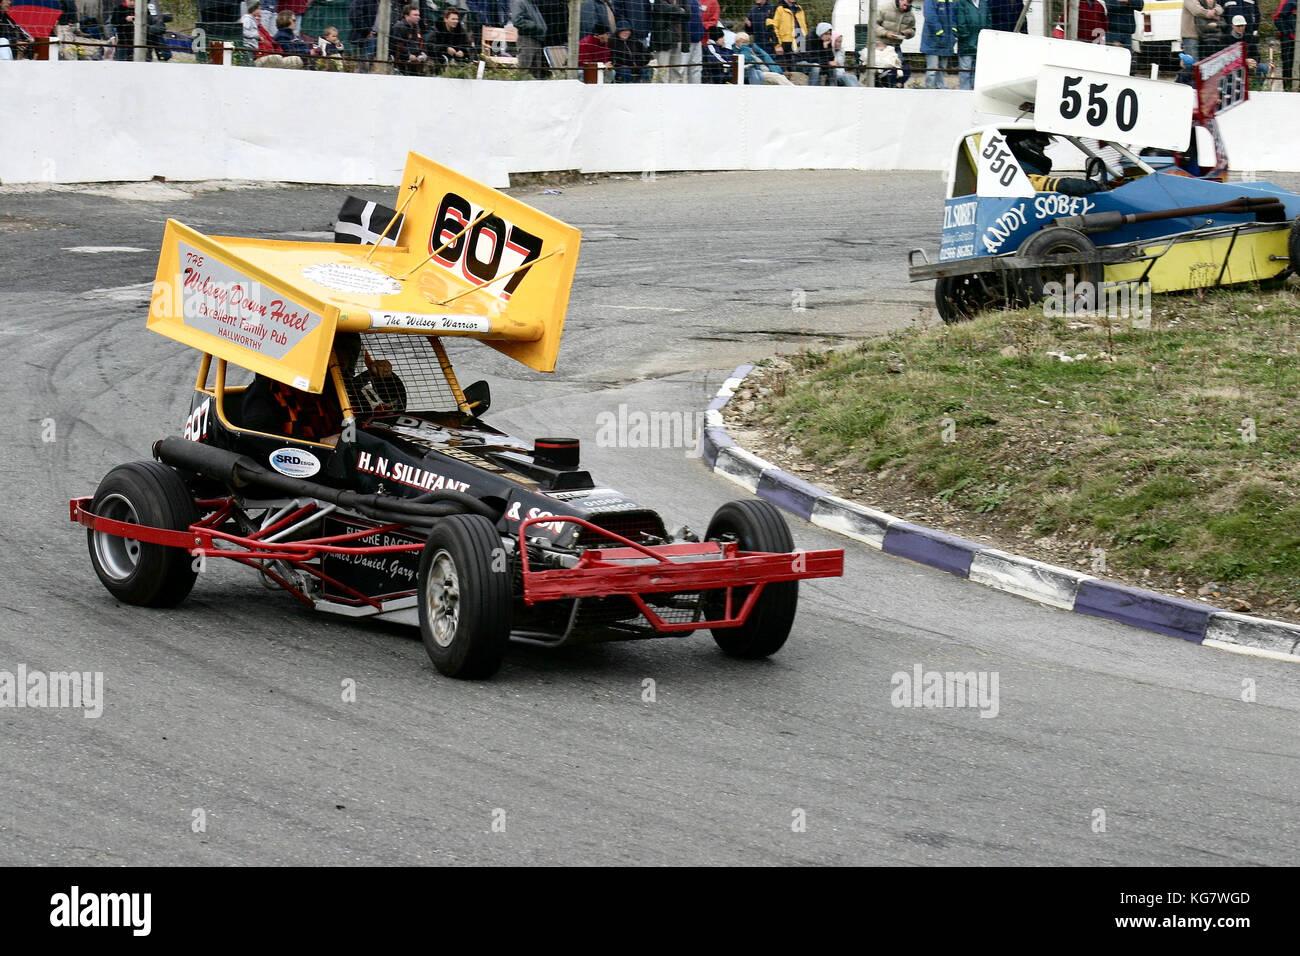 Stock Car Racing Track Stock Photos & Stock Car Racing Track Stock ...